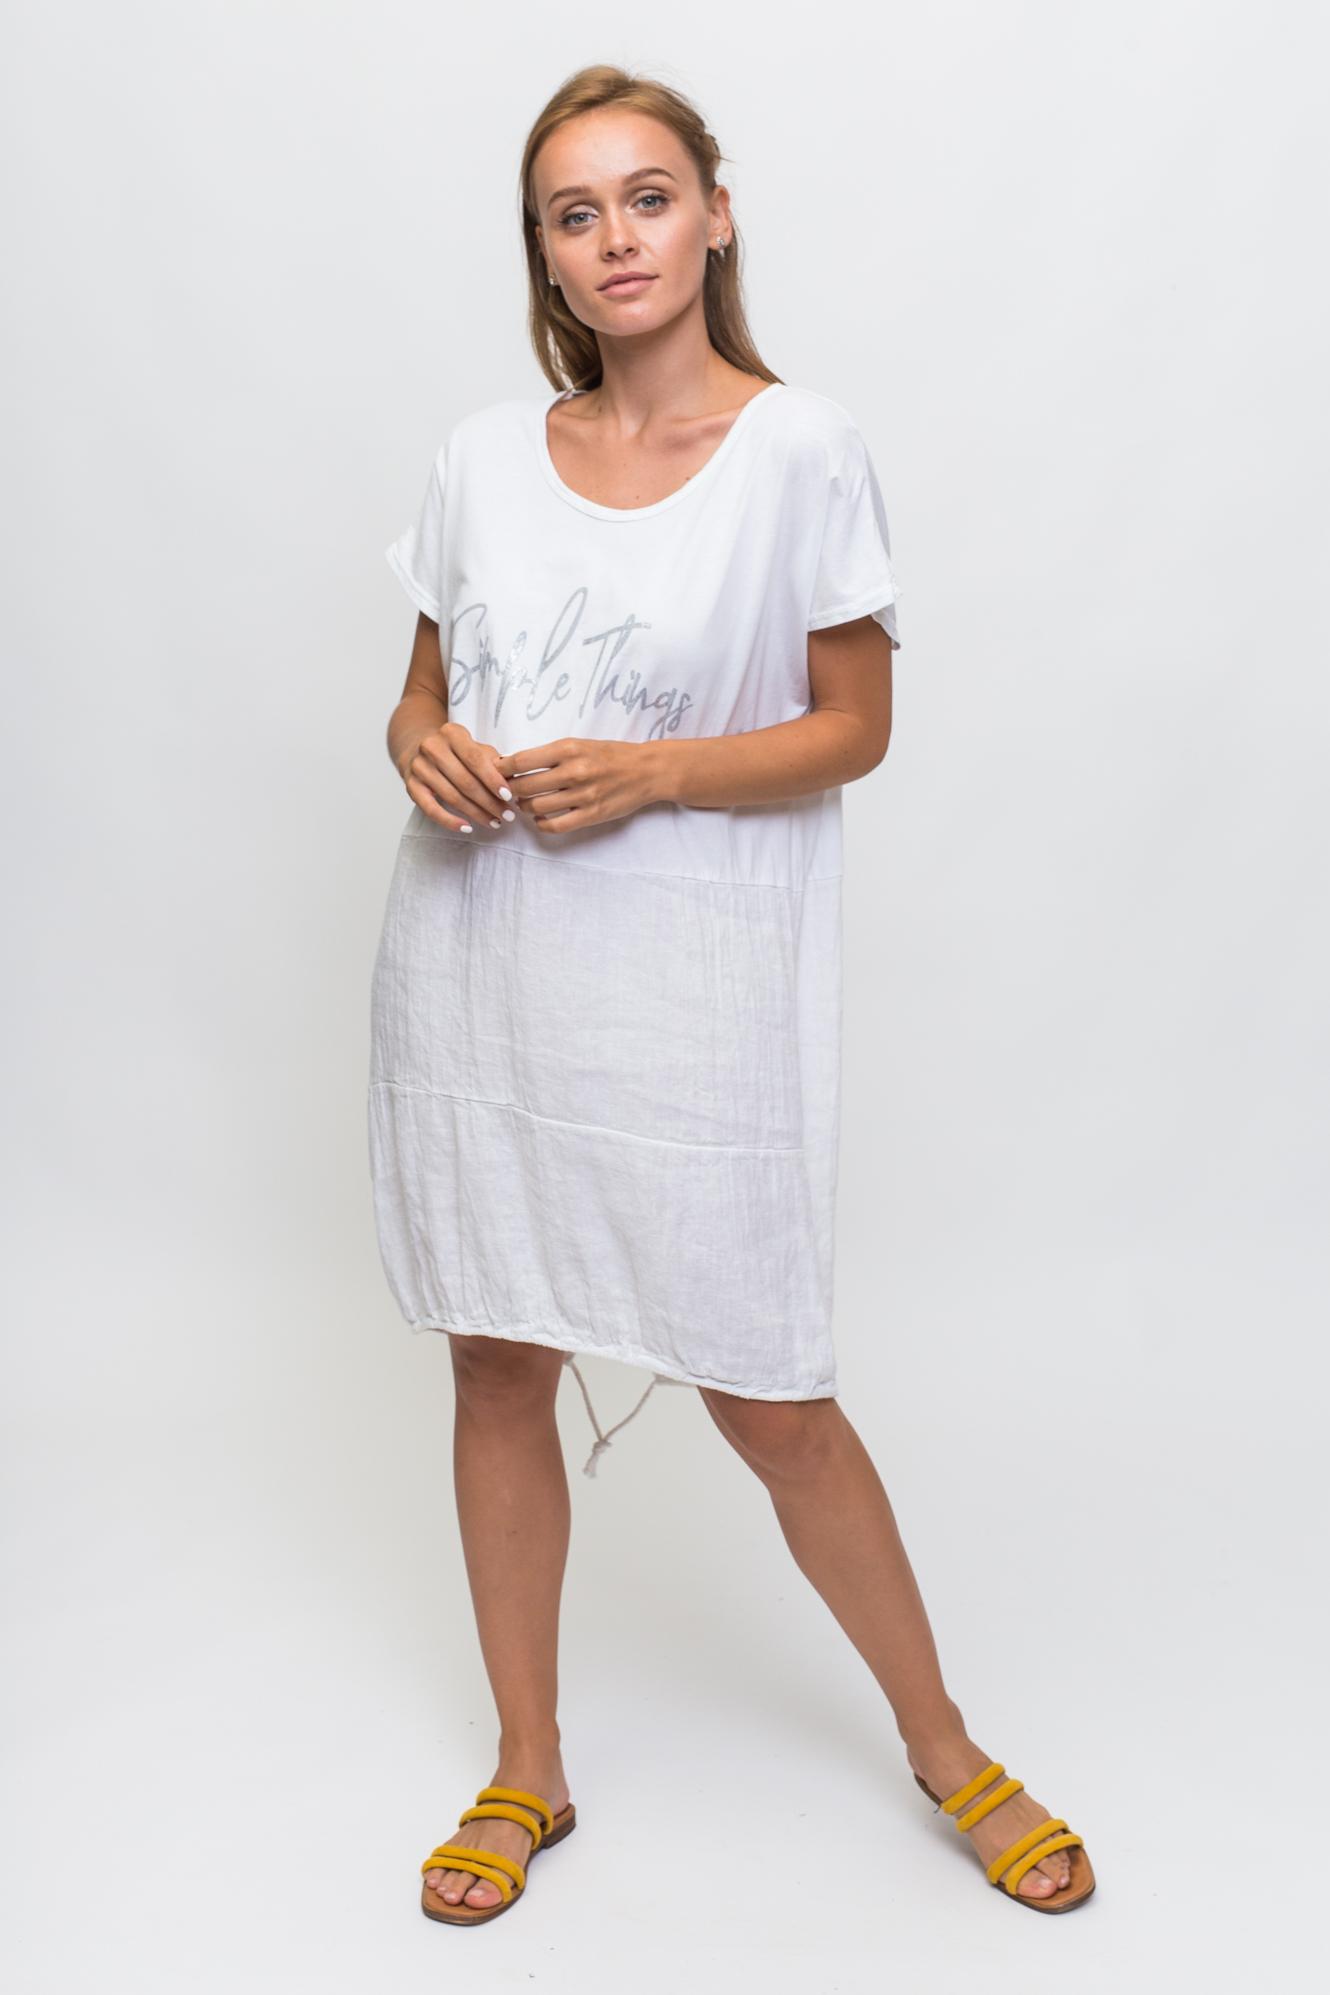 Свободное летнее платье с надписью KS - белый цвет